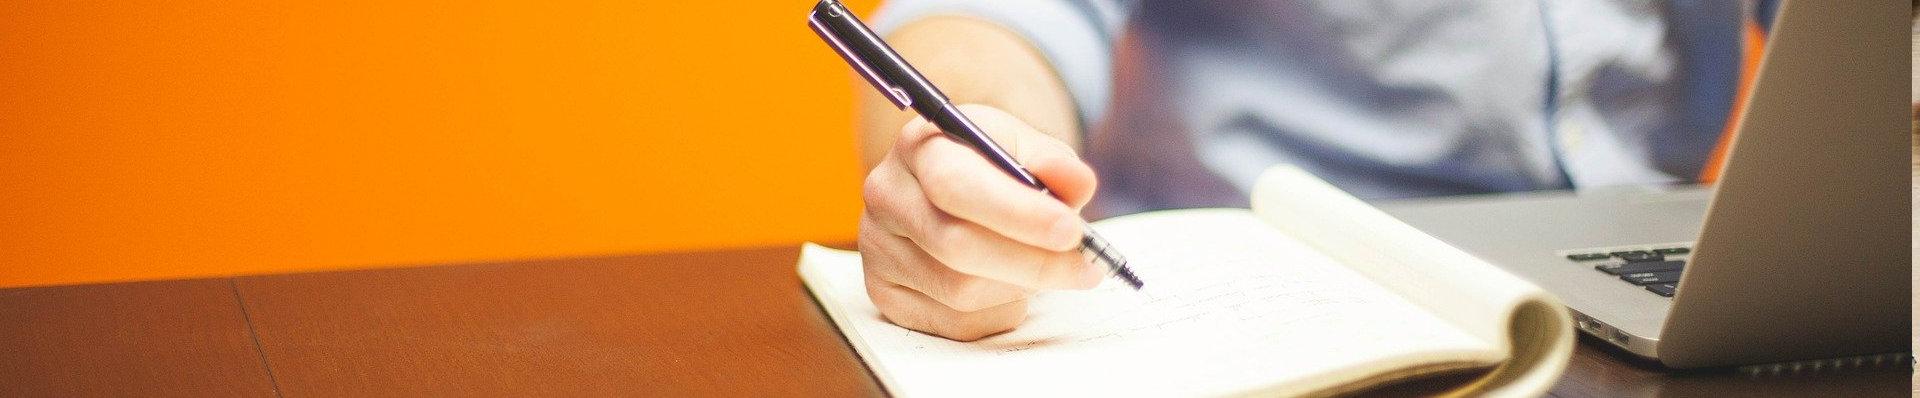 Sklep RODO dla przedsiębiorców dla firm